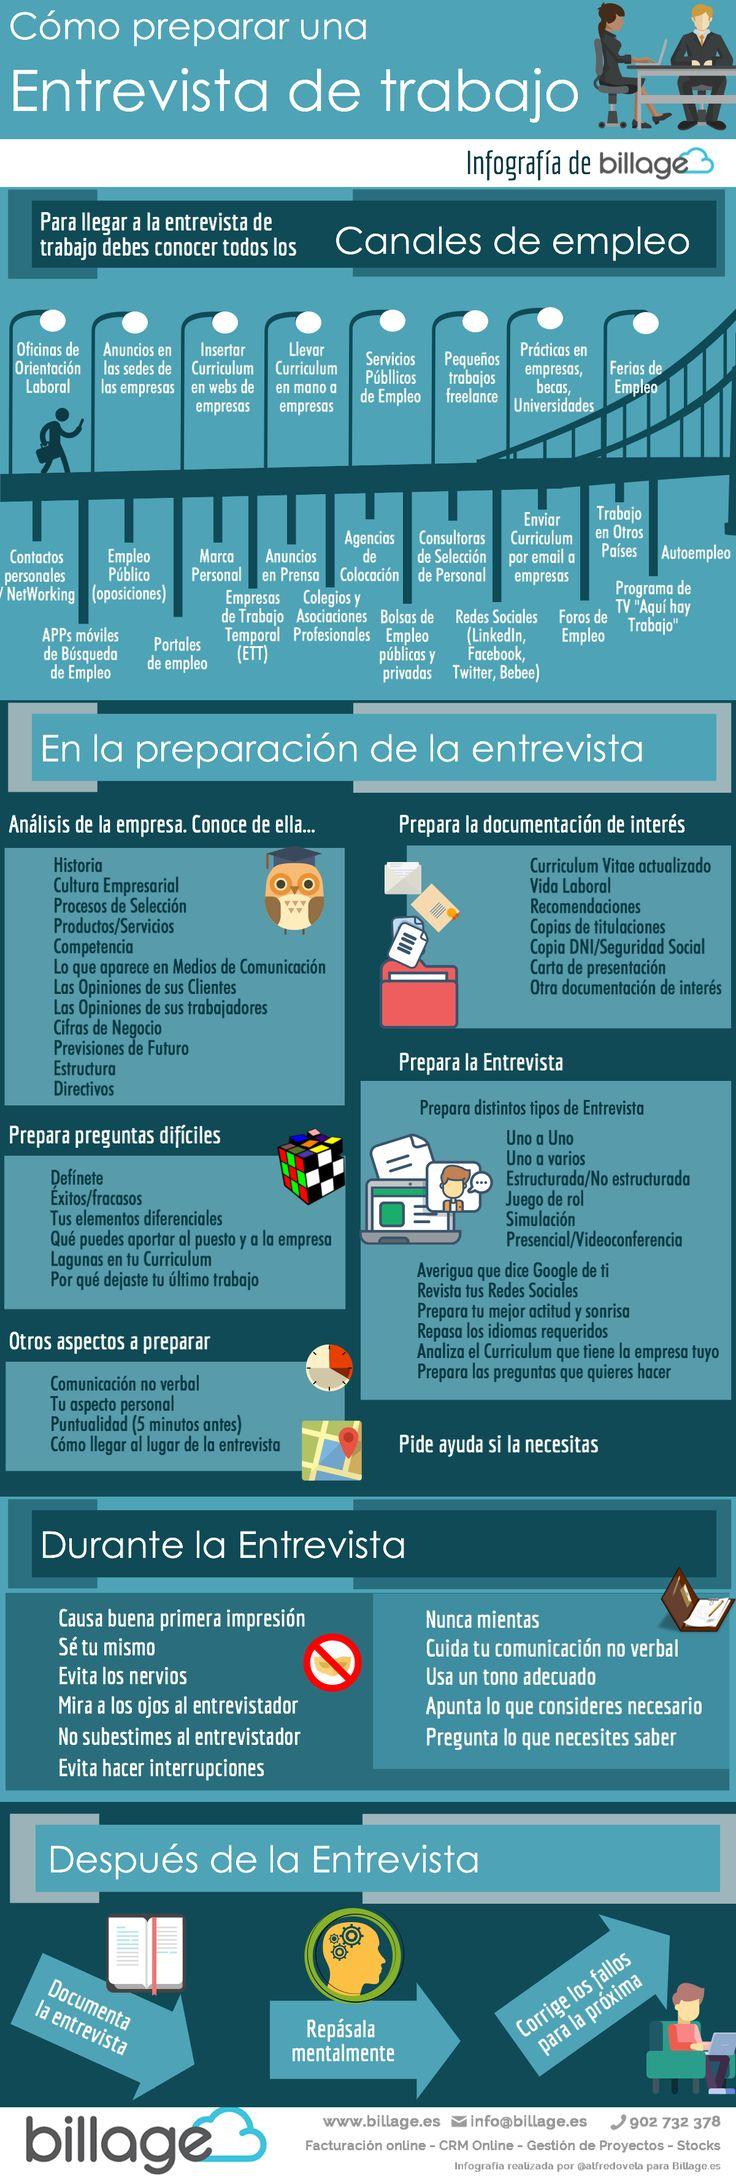 cartel interesante para la asignatura de RRHH, enseña a preparar la entrevista de trabajo. Tambien se puede utilizar desde el punto de vista del departamento de RRHH